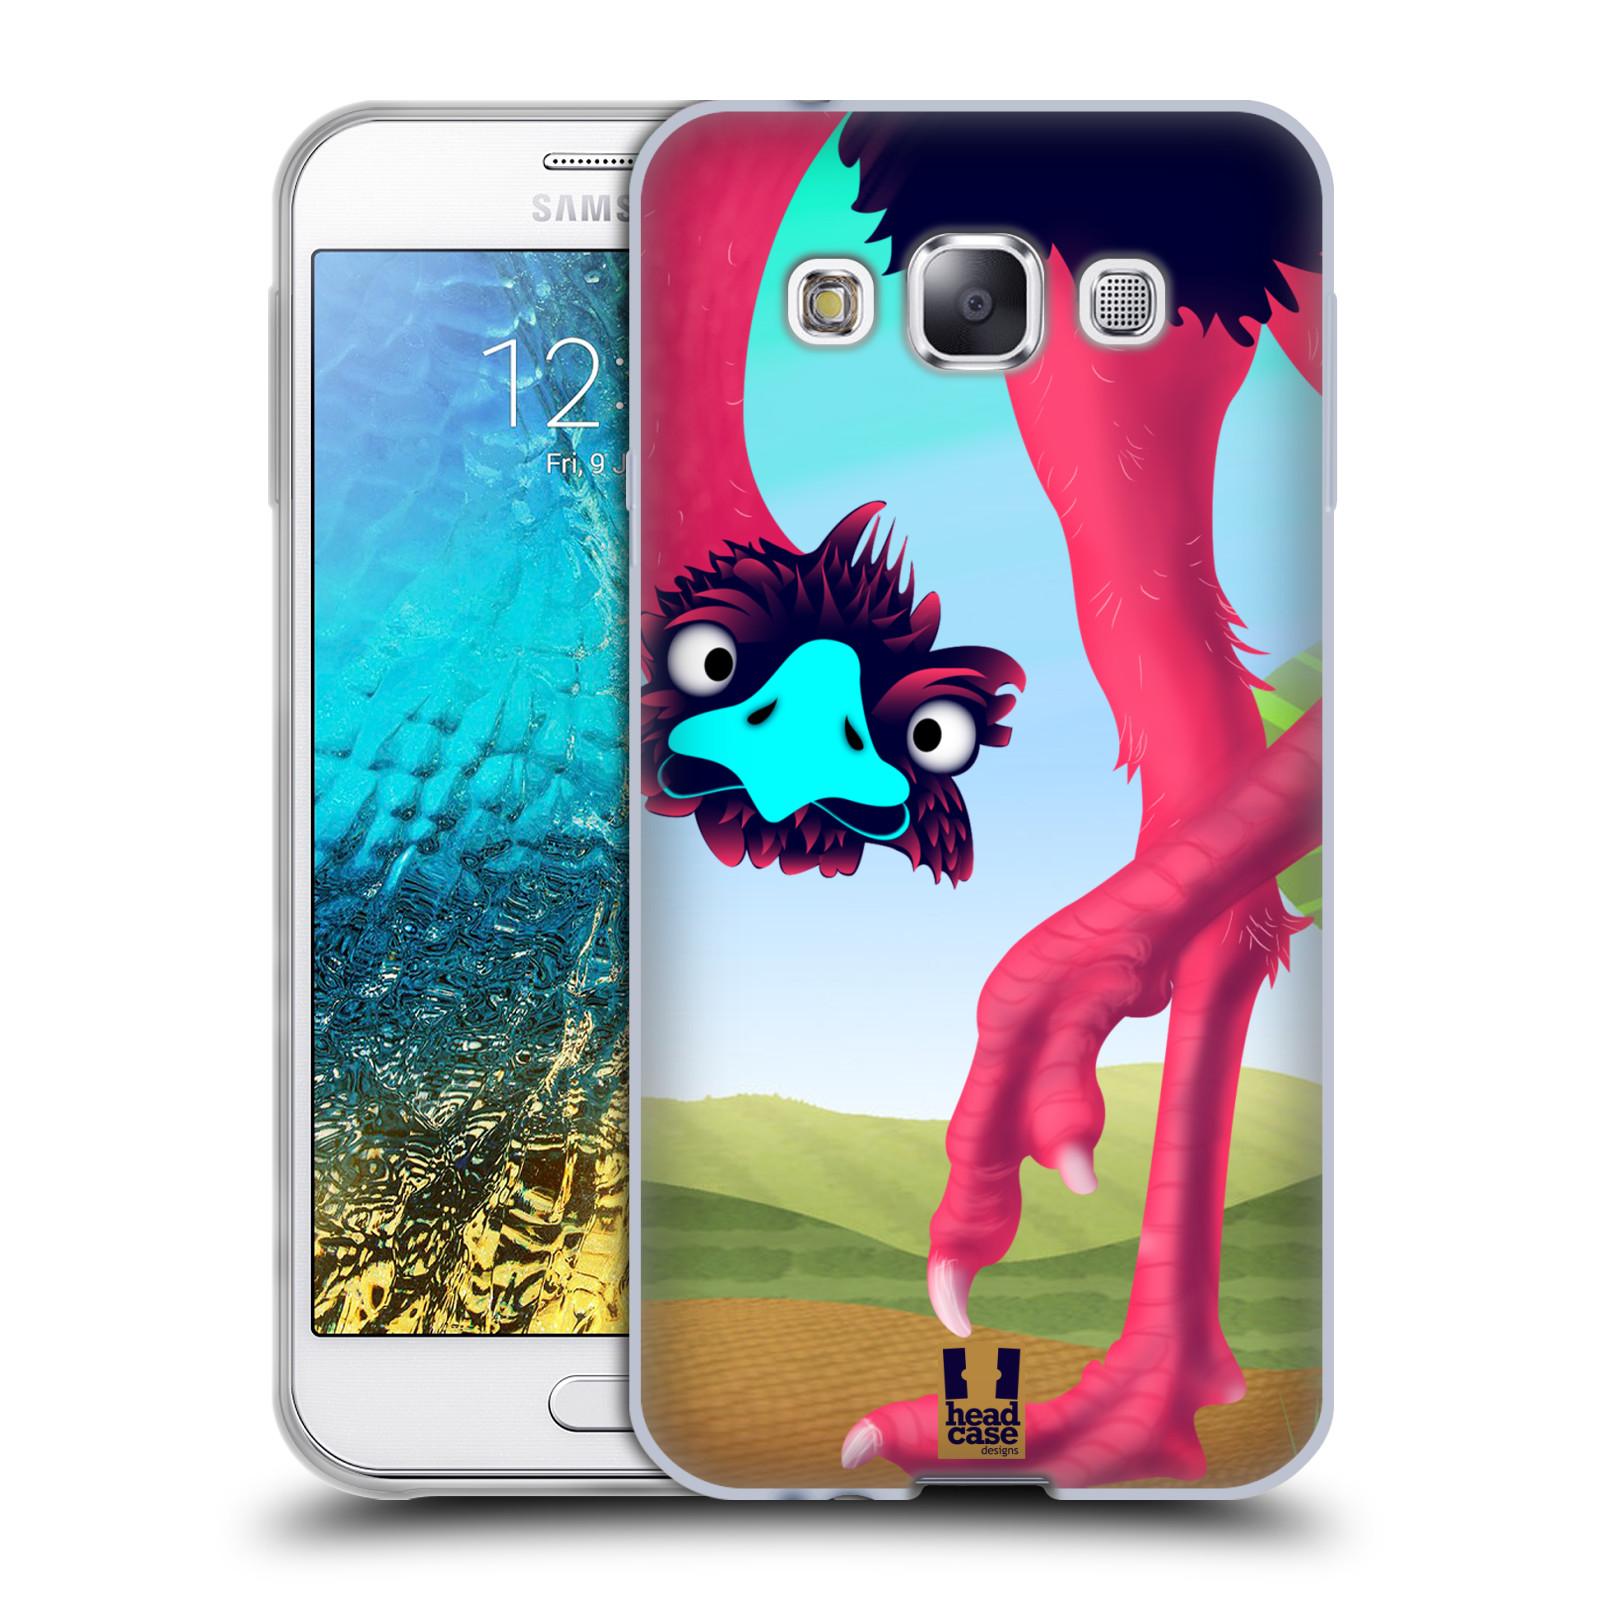 HEAD CASE silikonový obal na mobil Samsung Galaxy E5 vzor dlouhé nohy kreslená zvířátka pštros